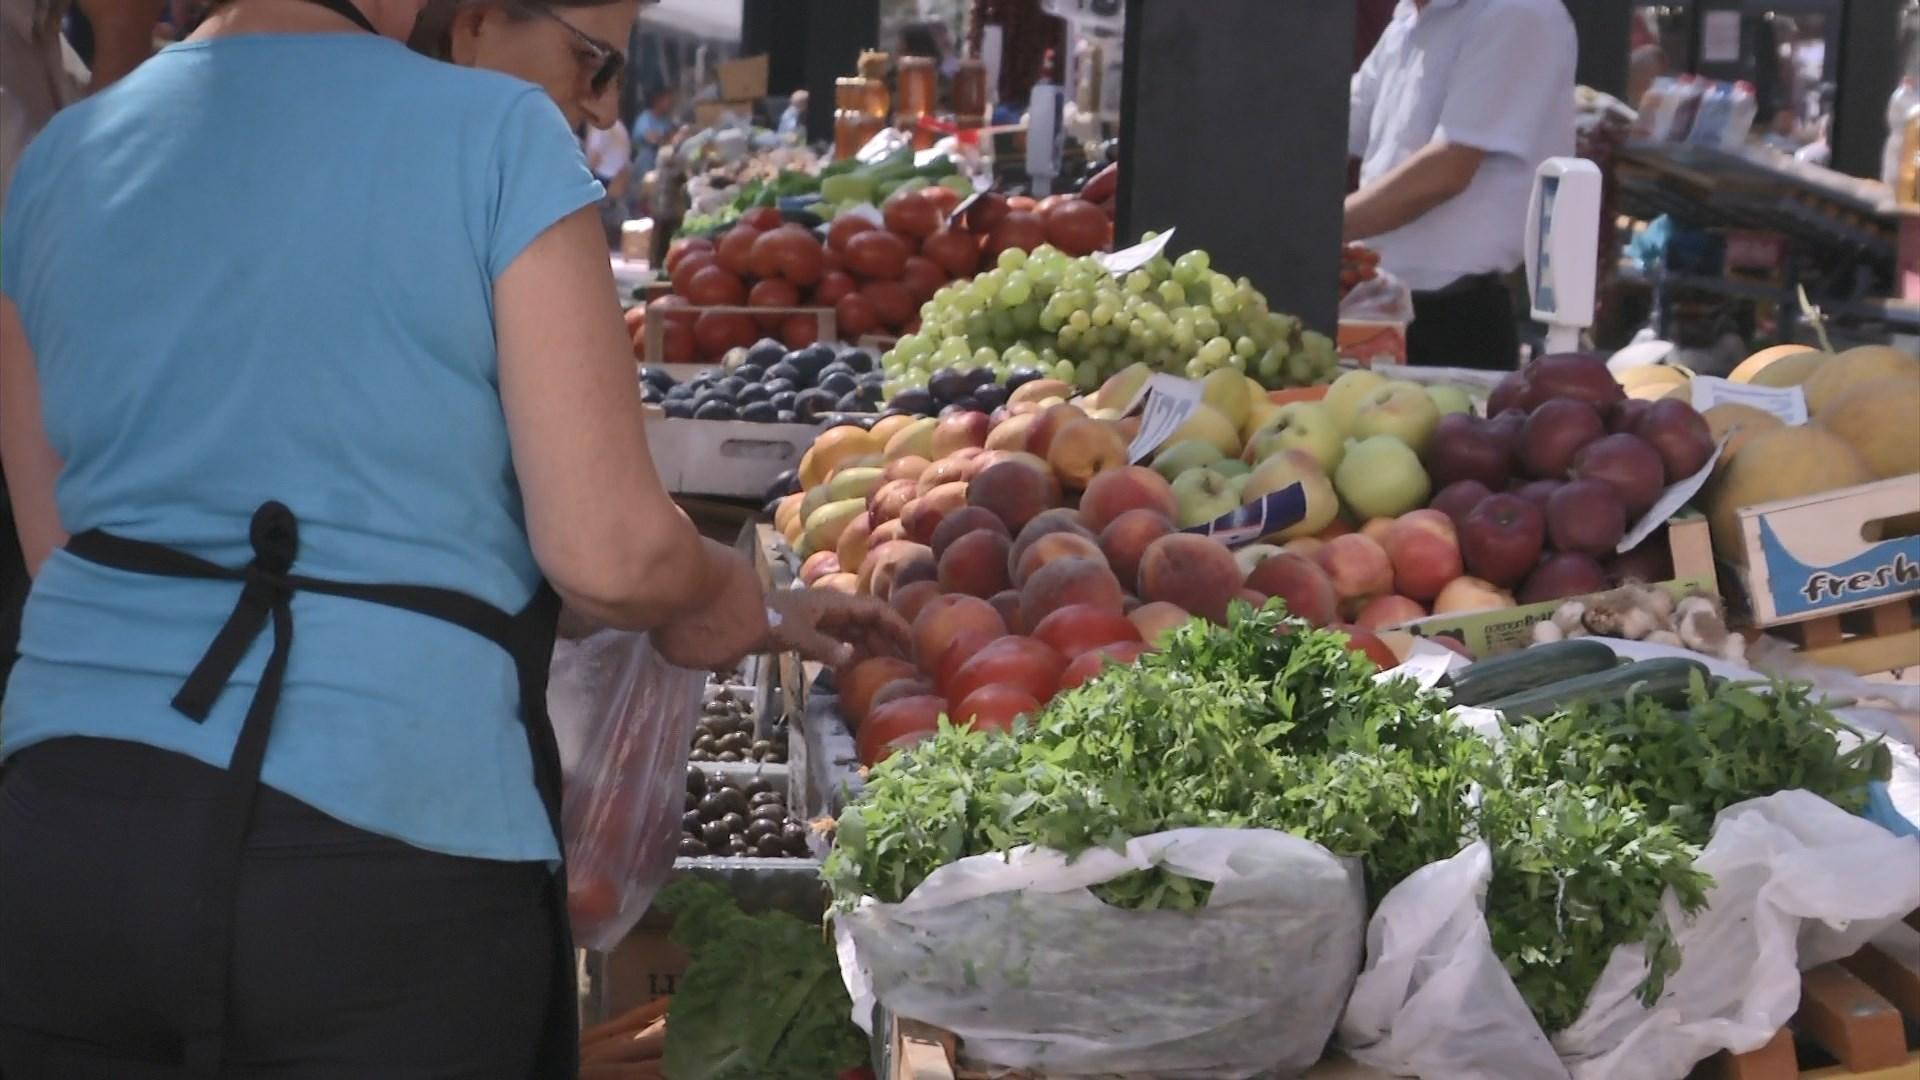 Shqiptarët të parët në Europë që kursejnë për ushqimin